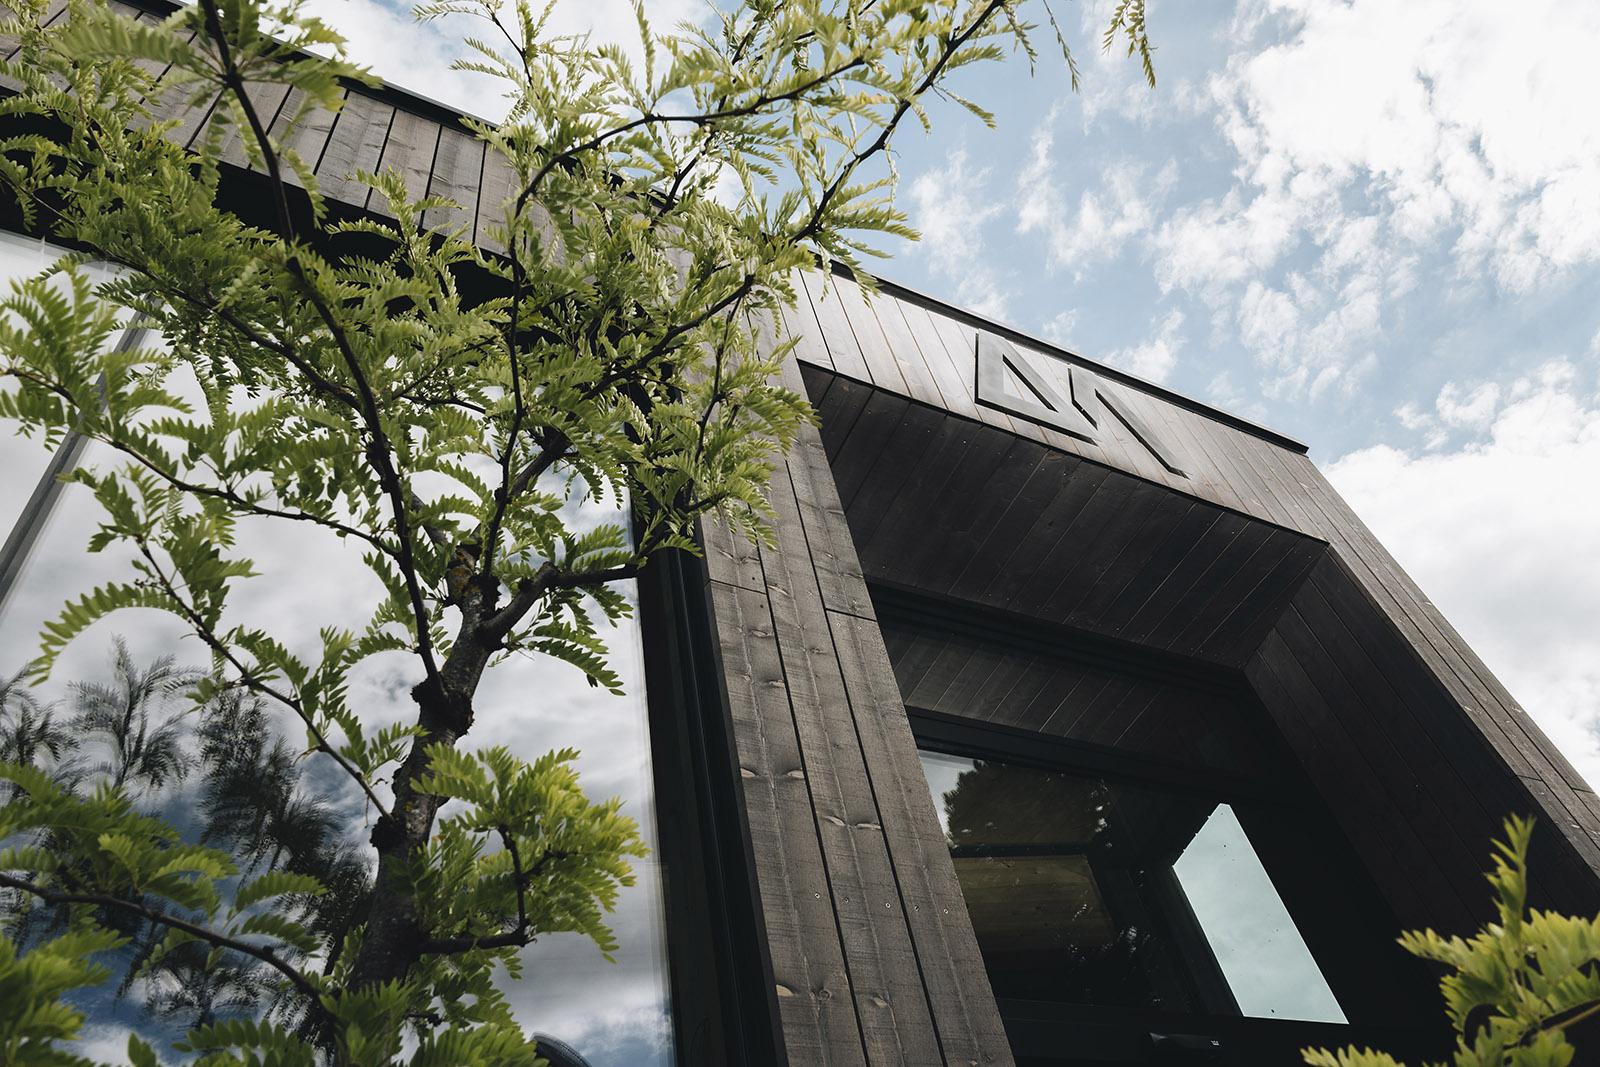 ARX-Boutiquehotel Außenansicht in Rohrmoos mit Baum